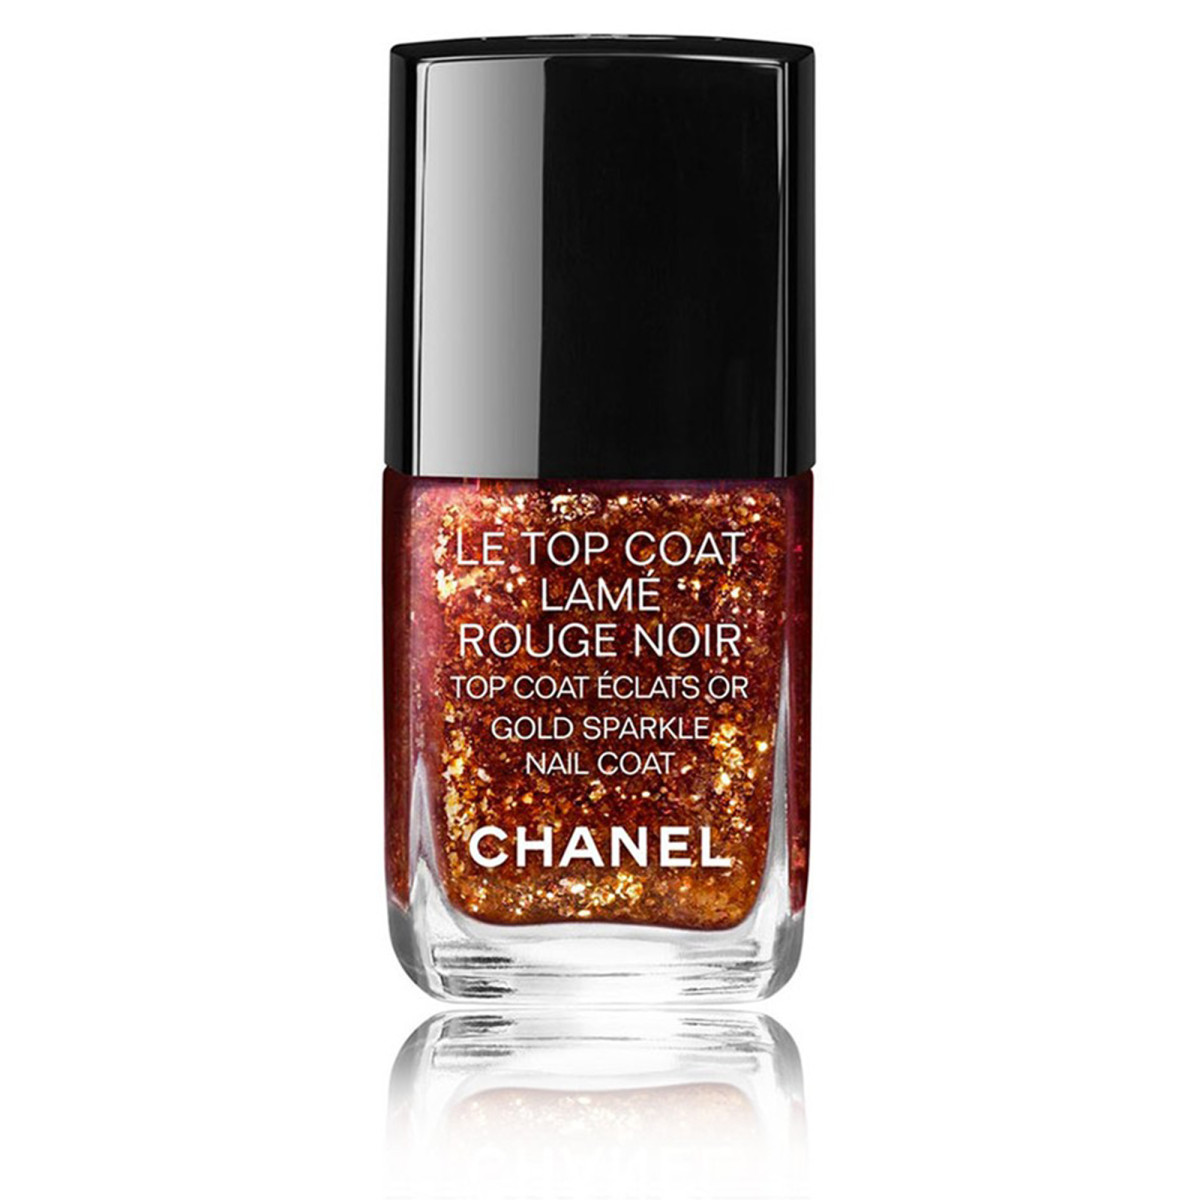 Chanel Le Top Coat Lame Rouge Noir